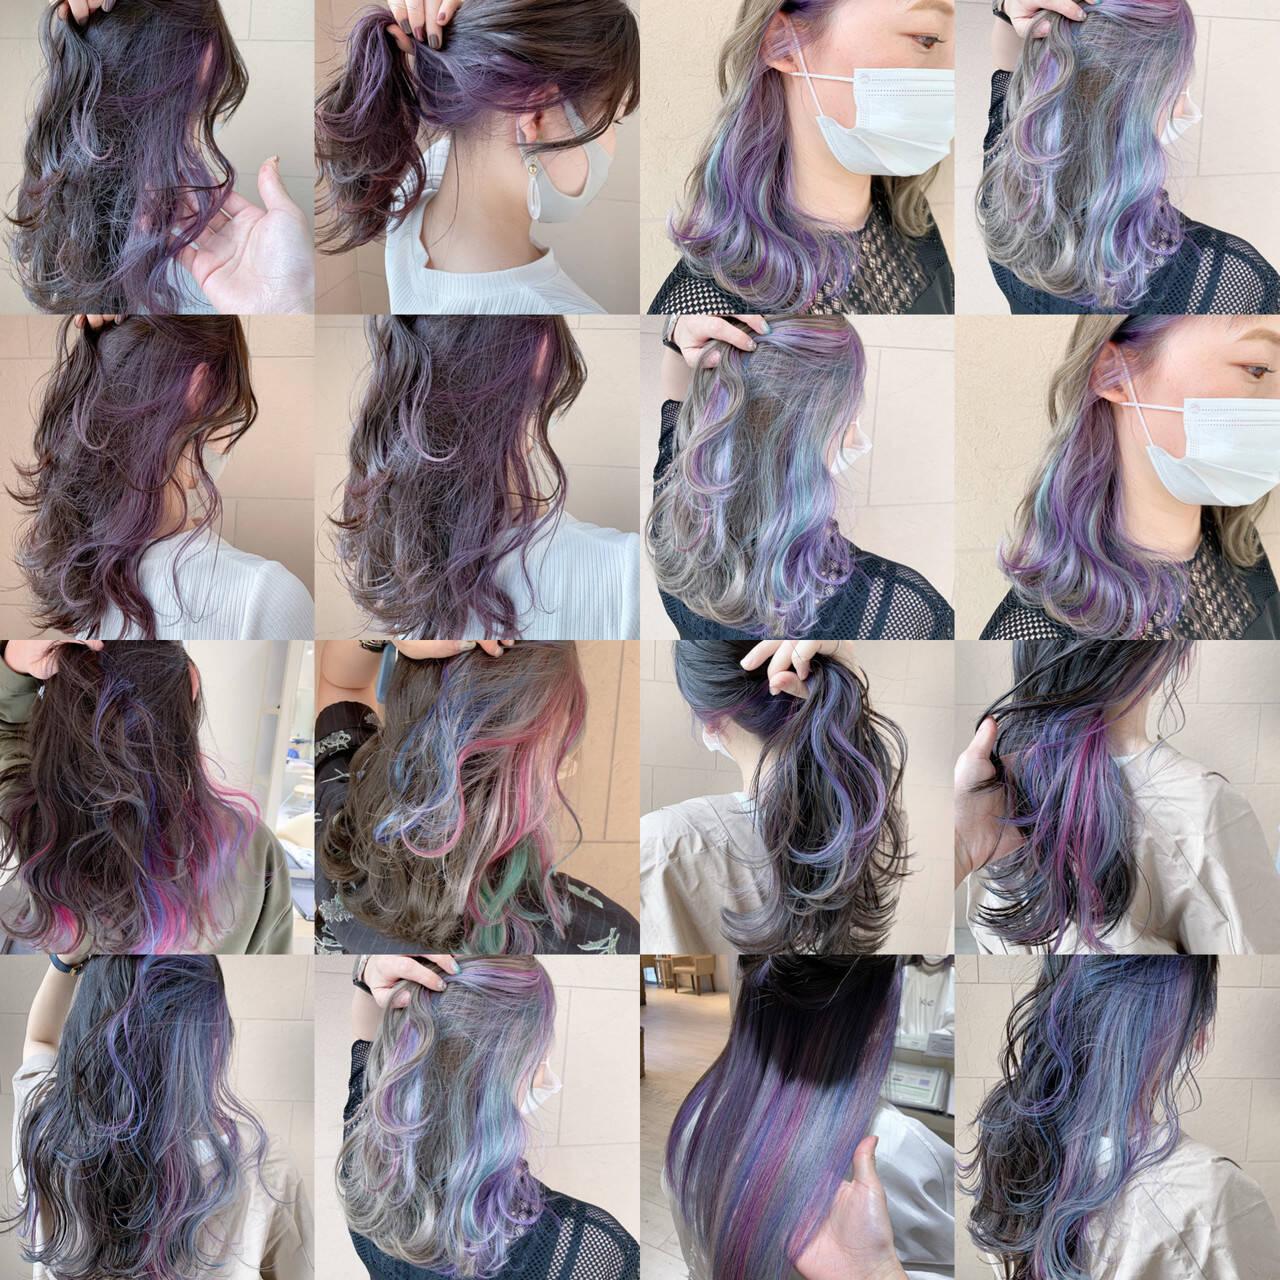 セミロング インナーカラー フェミニン ウルフカットヘアスタイルや髪型の写真・画像